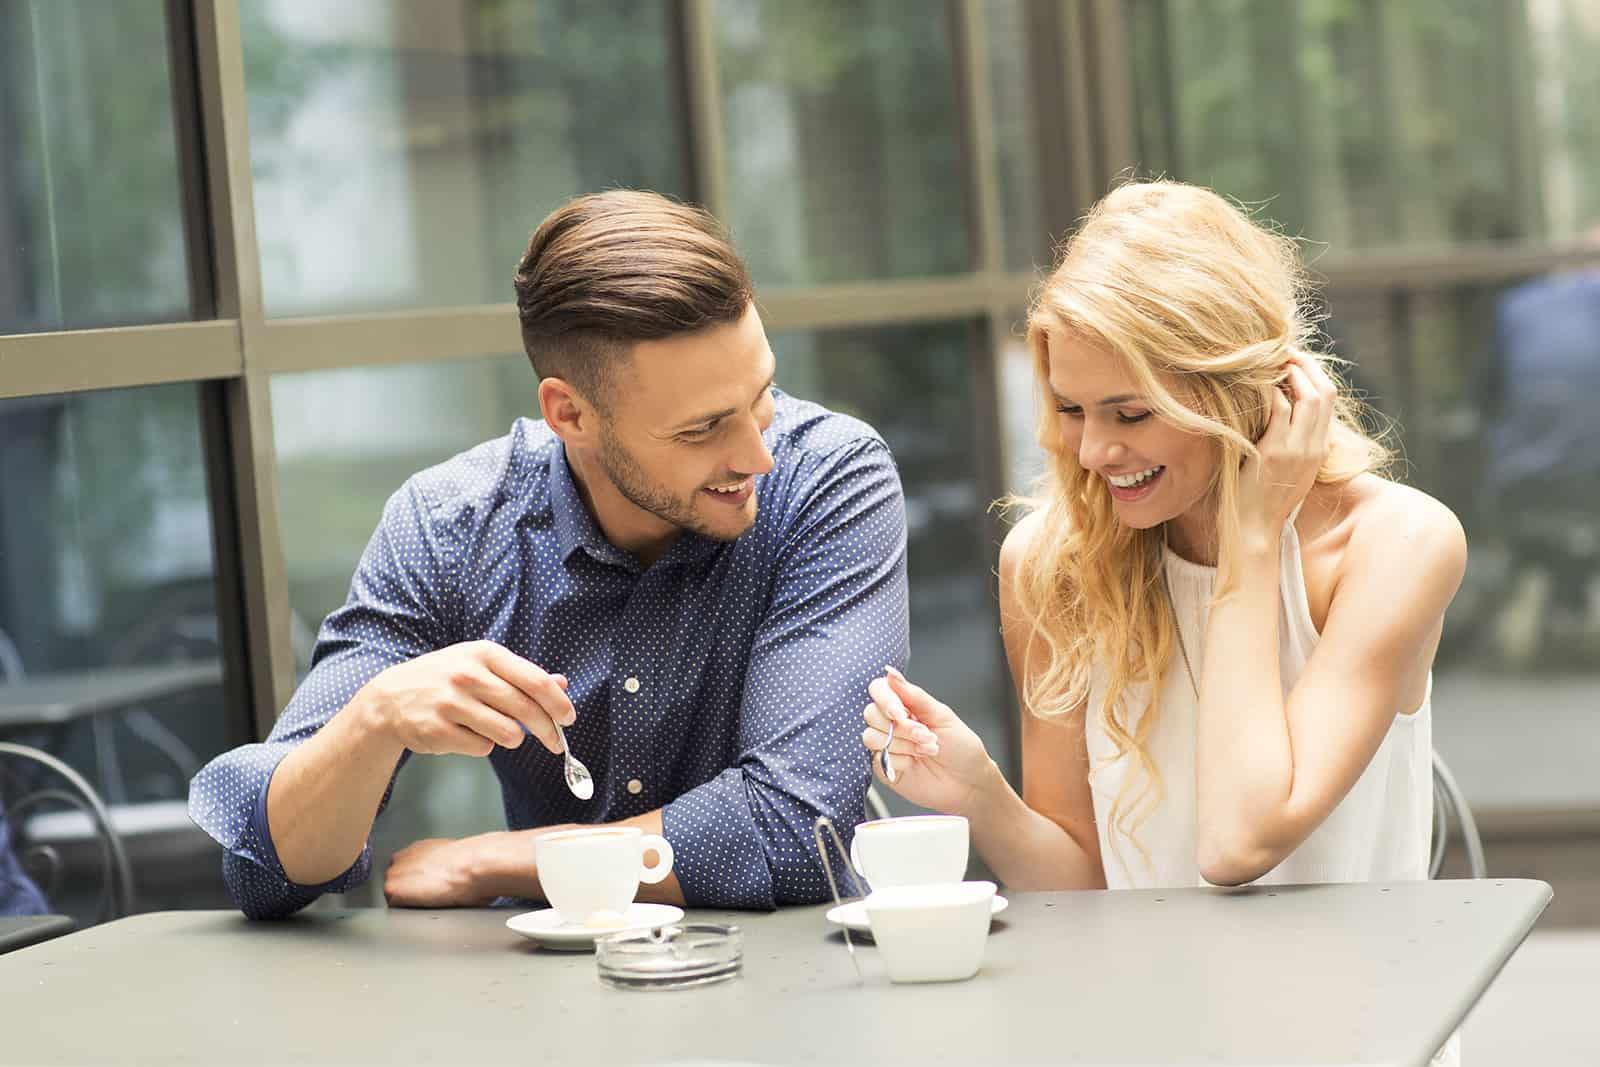 Ein lächelnder Mann und eine Frau bei einem Date in einem Café